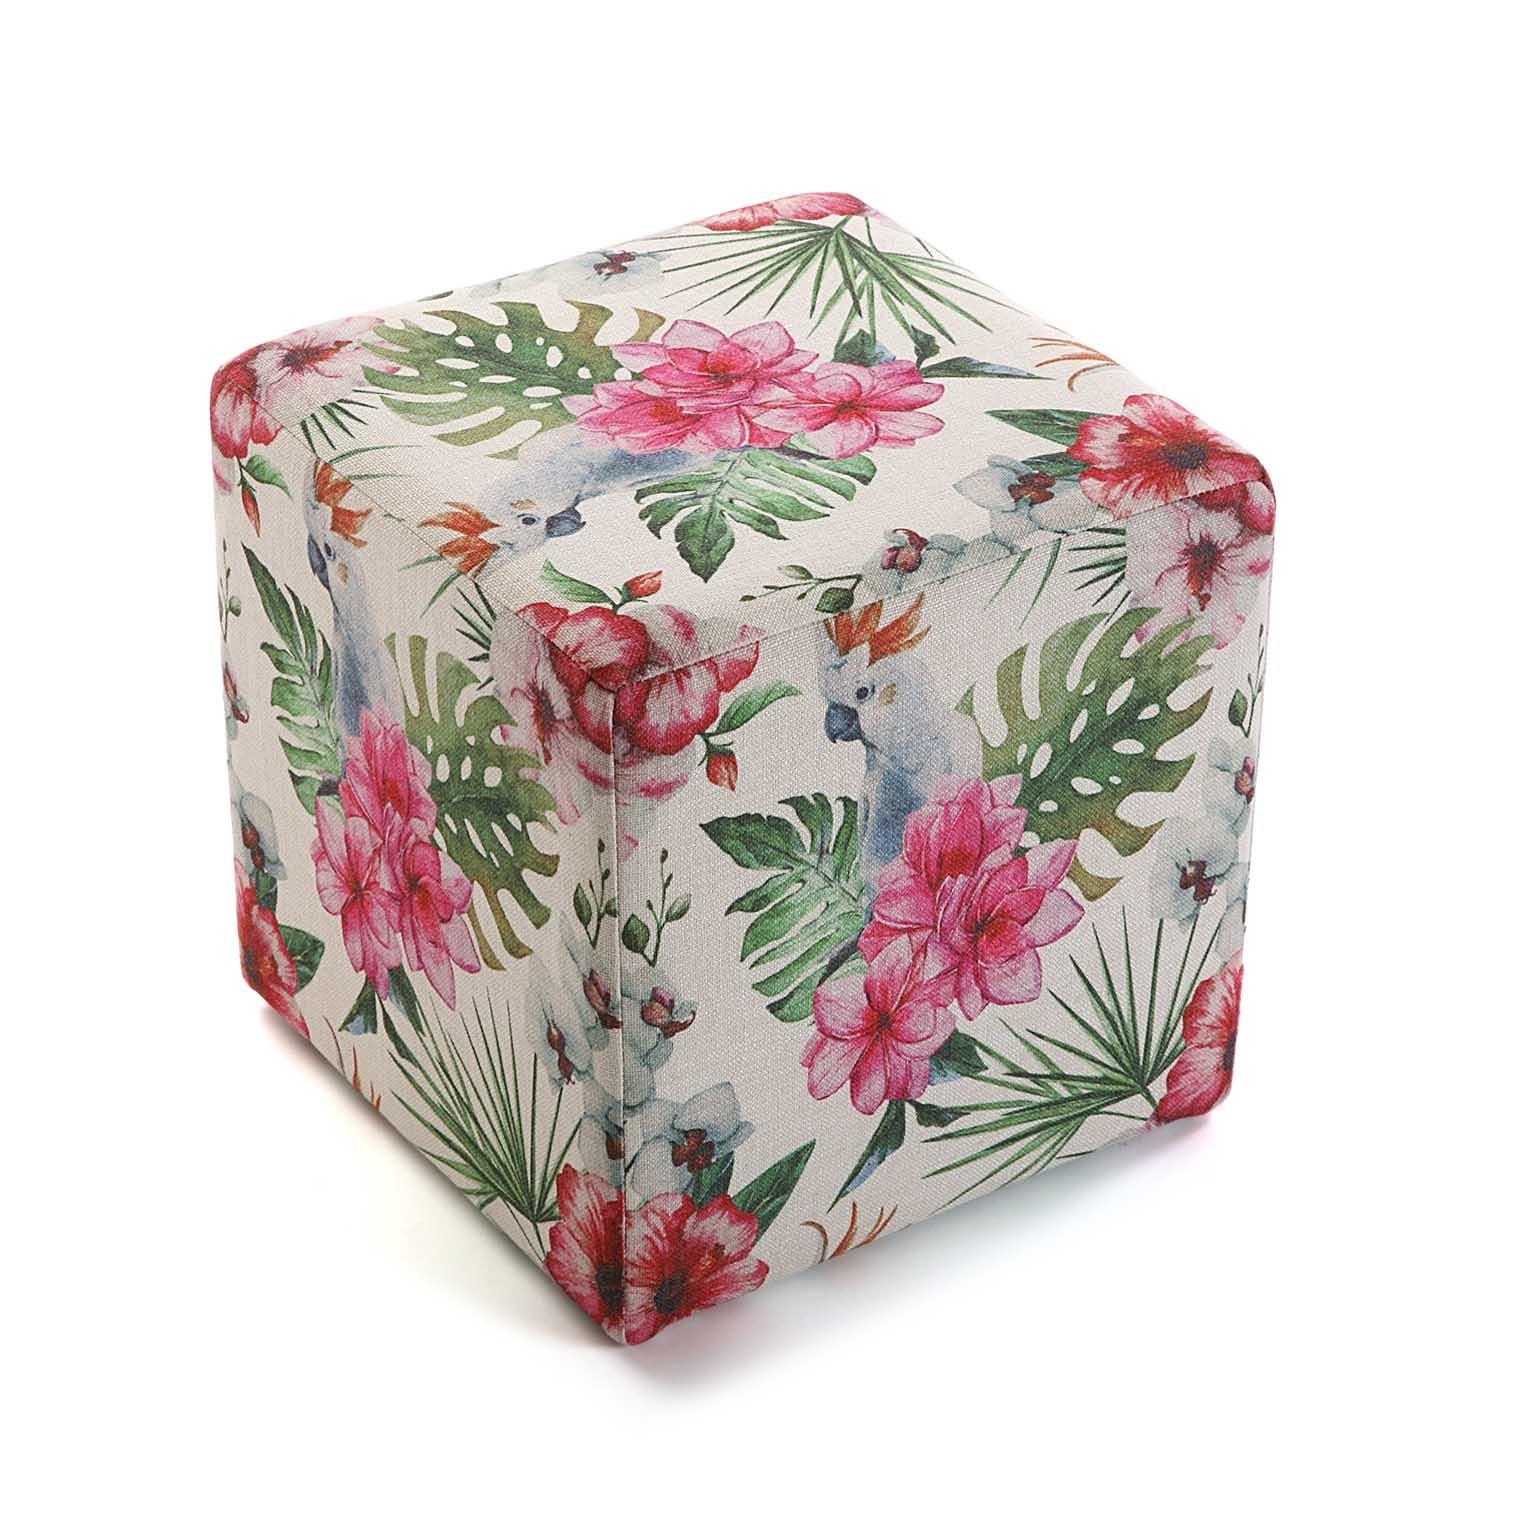 Pouf cube tropical motif perroquets, feuilles et fleurs 35x35x35cm BORNEO